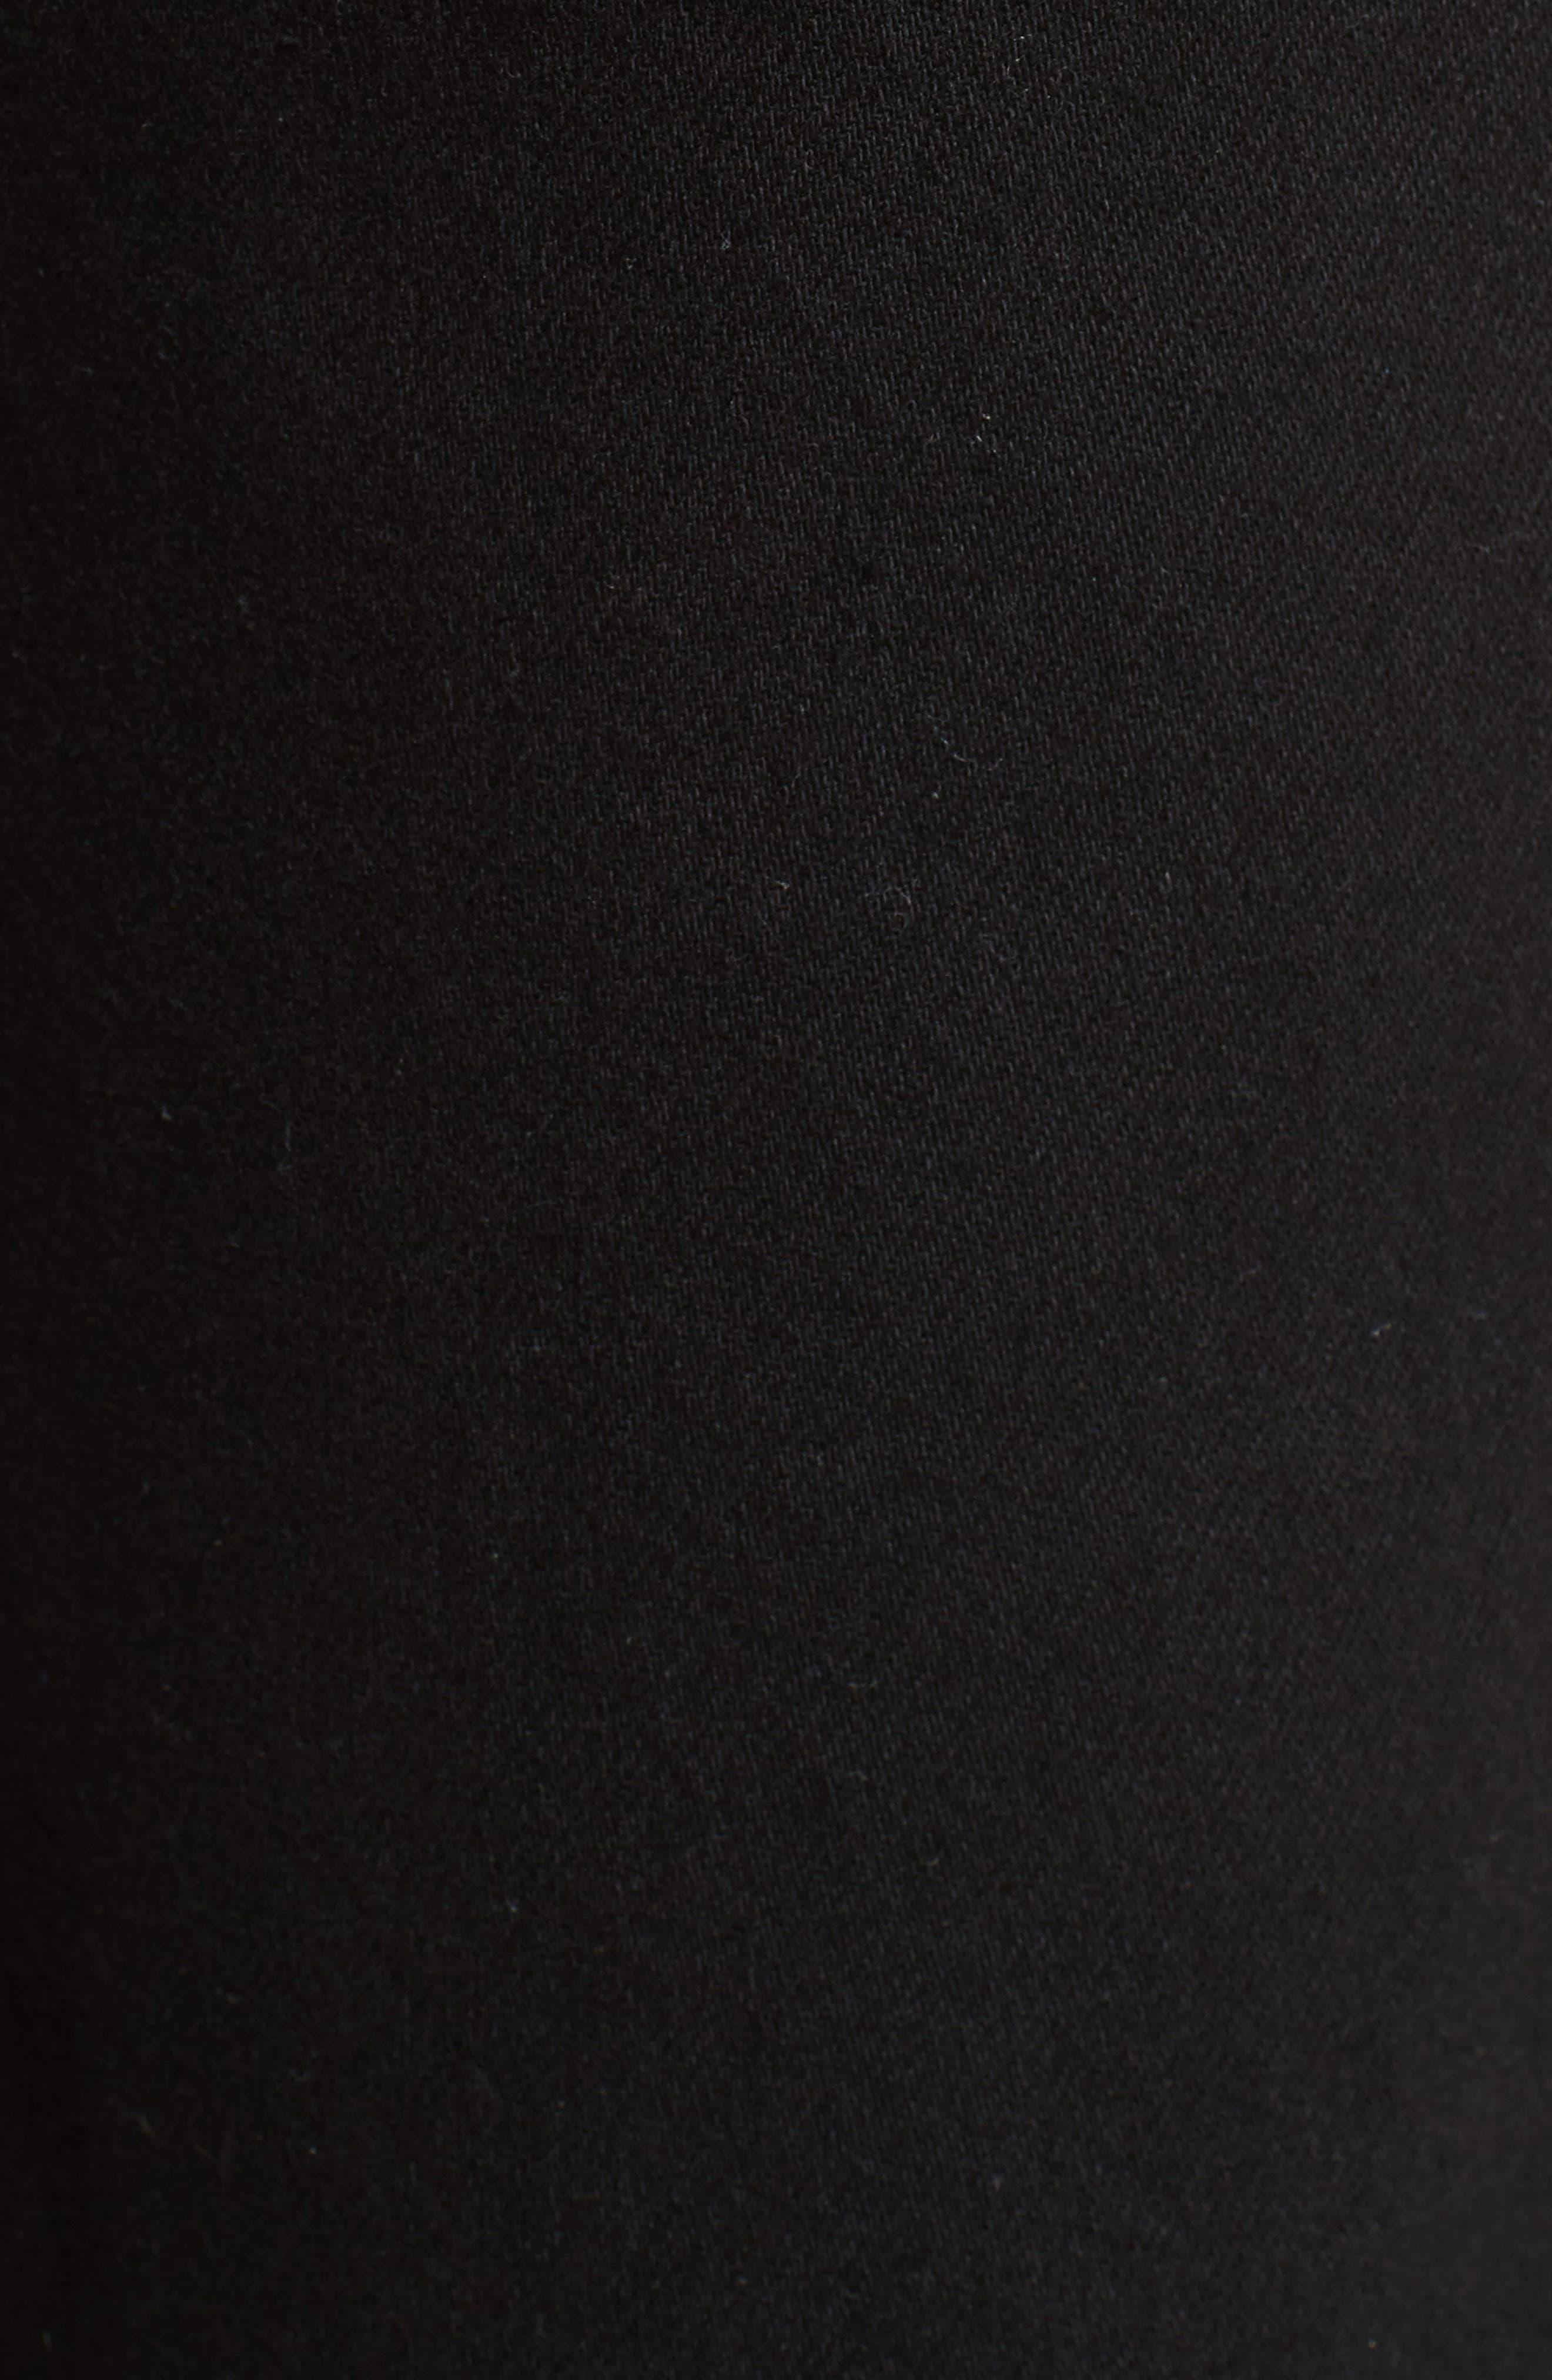 Alternate Image 3  - Eckhaus Latta EL Wide Leg Jeans (Almost Black)